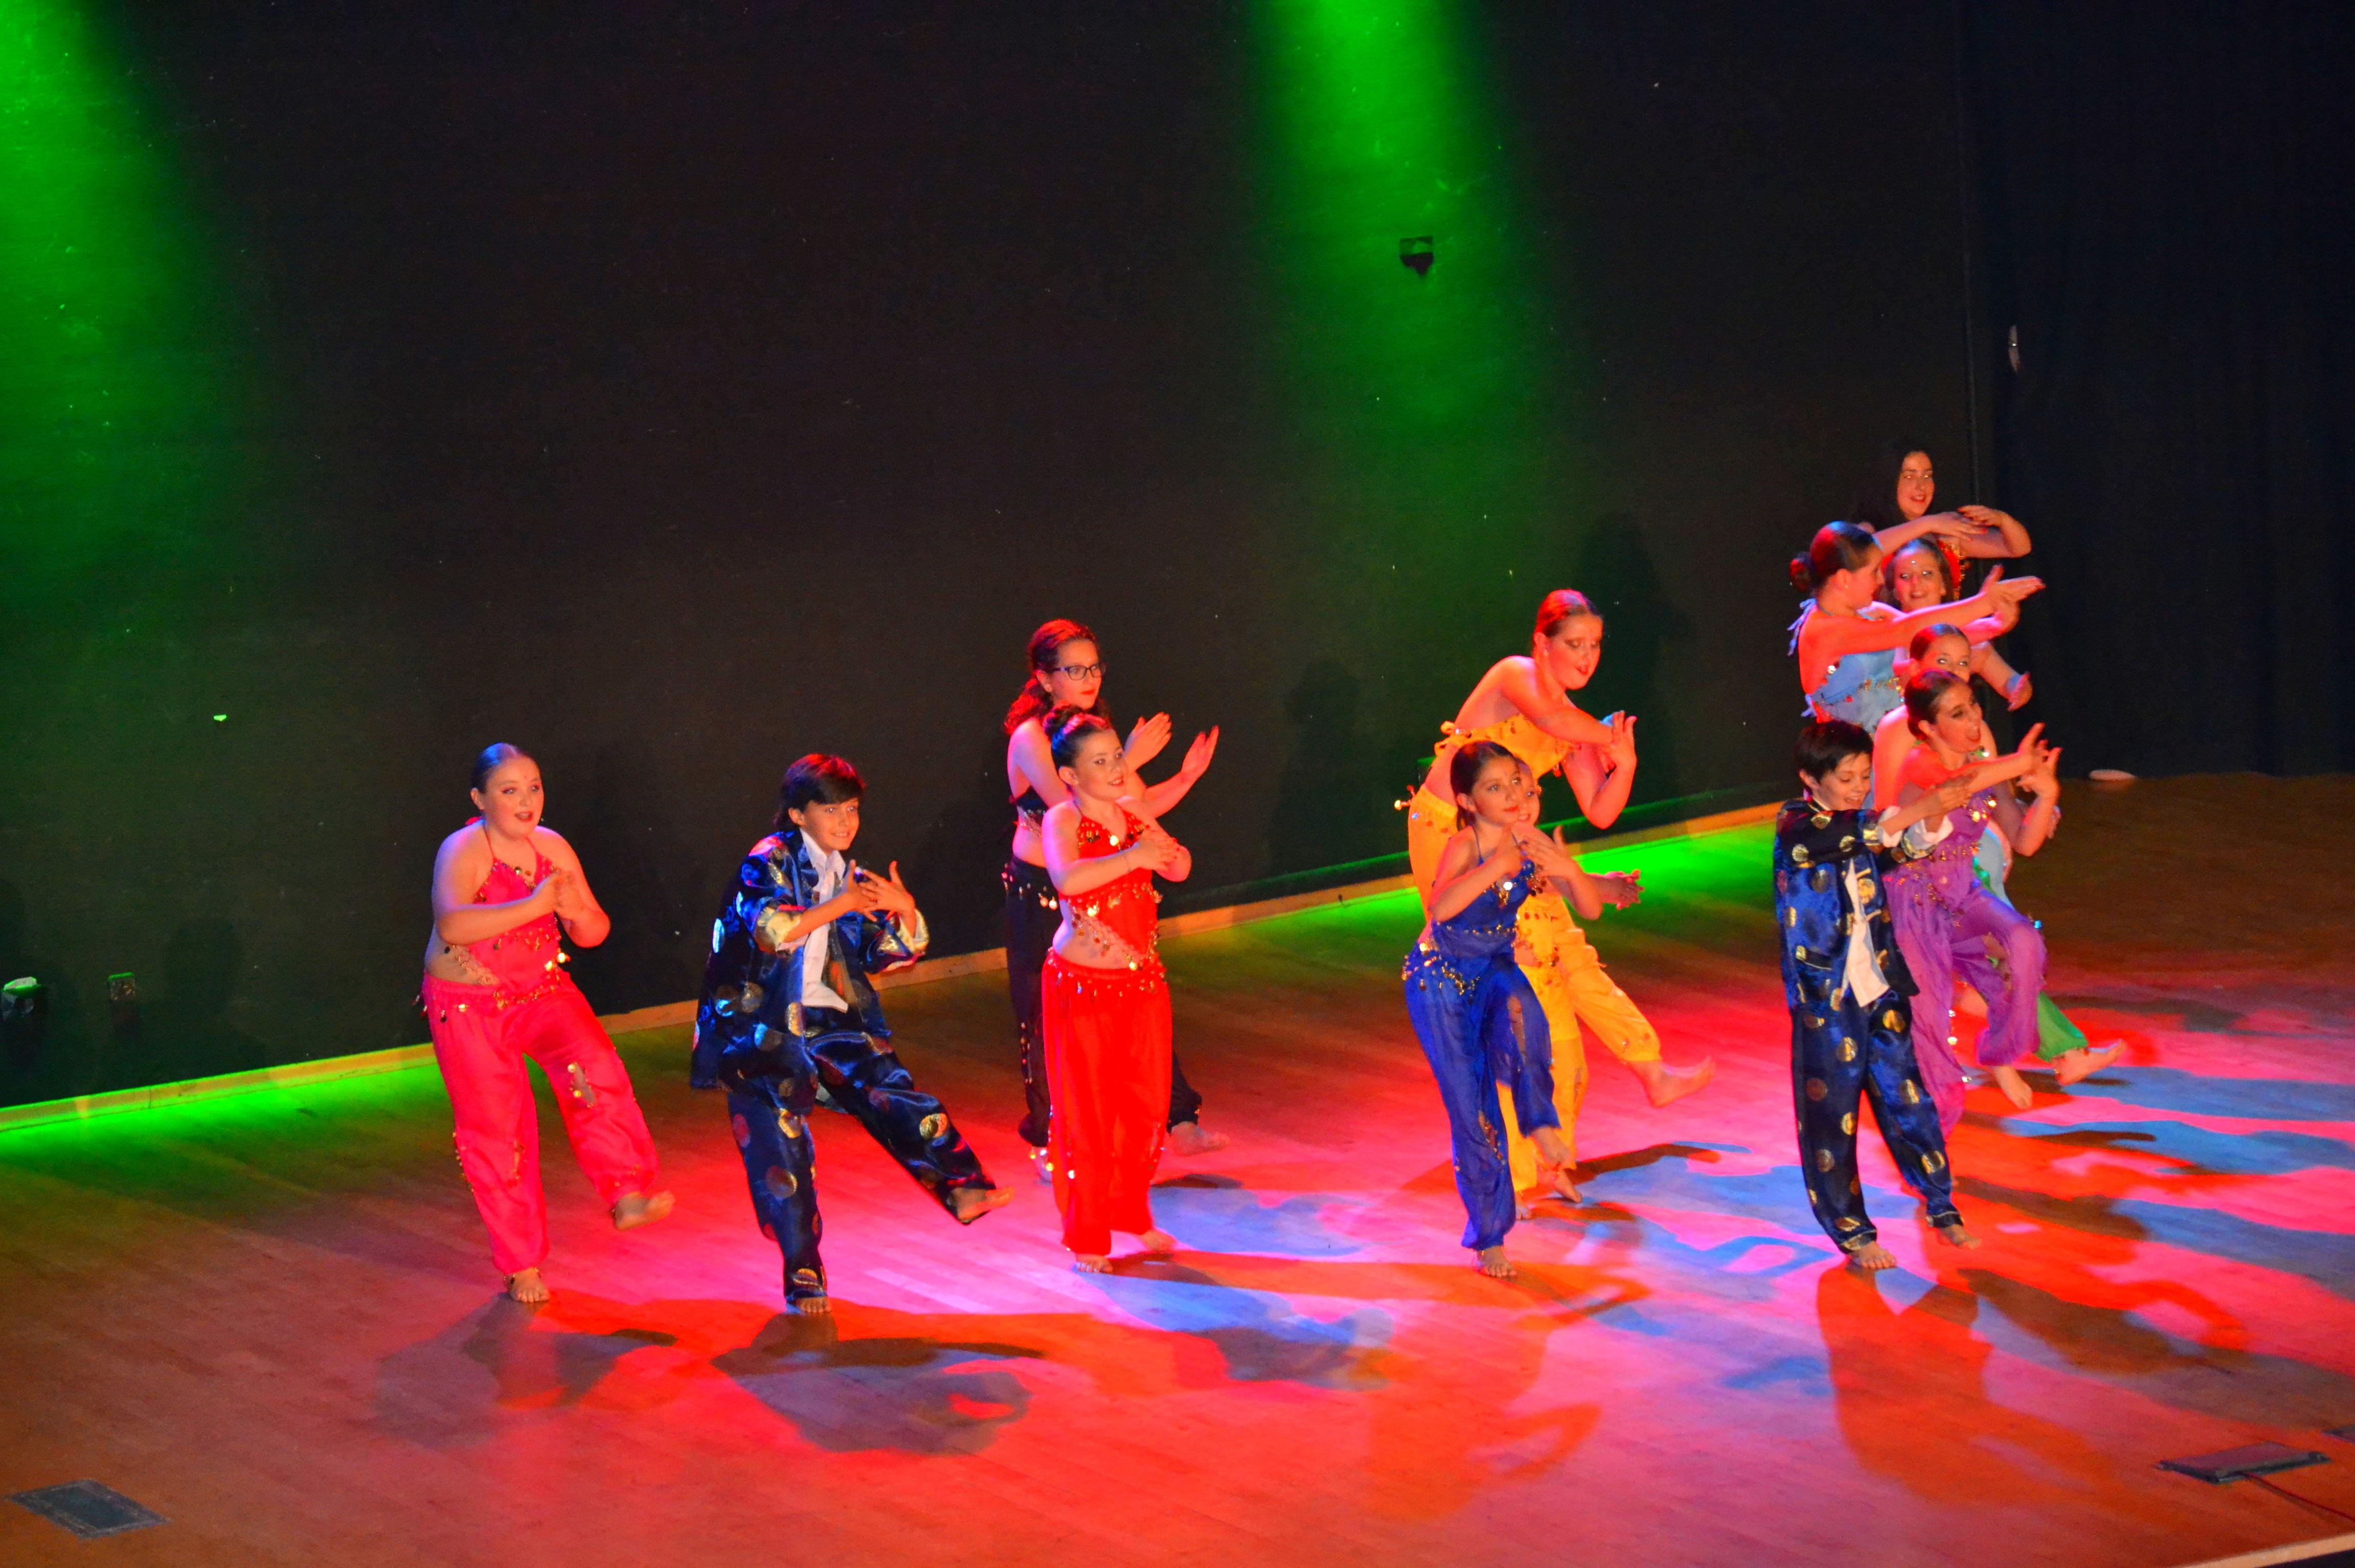 Foto 10 de Escuelas de música, danza e interpretación en Alcalá de Henares | Escuela de Danza Pepe Vento